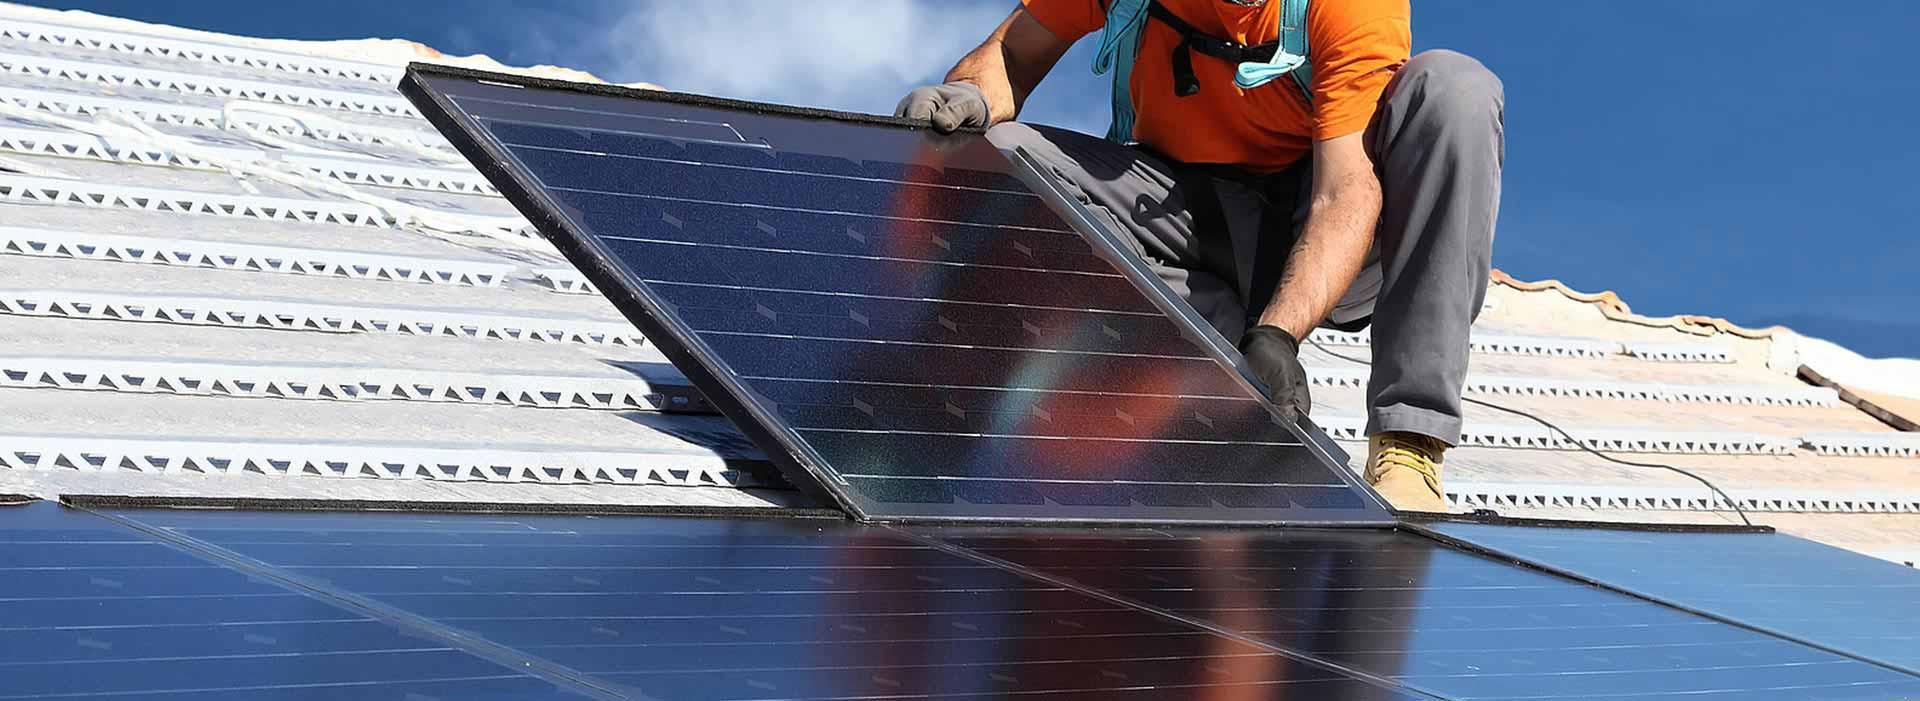 installazione-fotovoltaico-civer-coperture